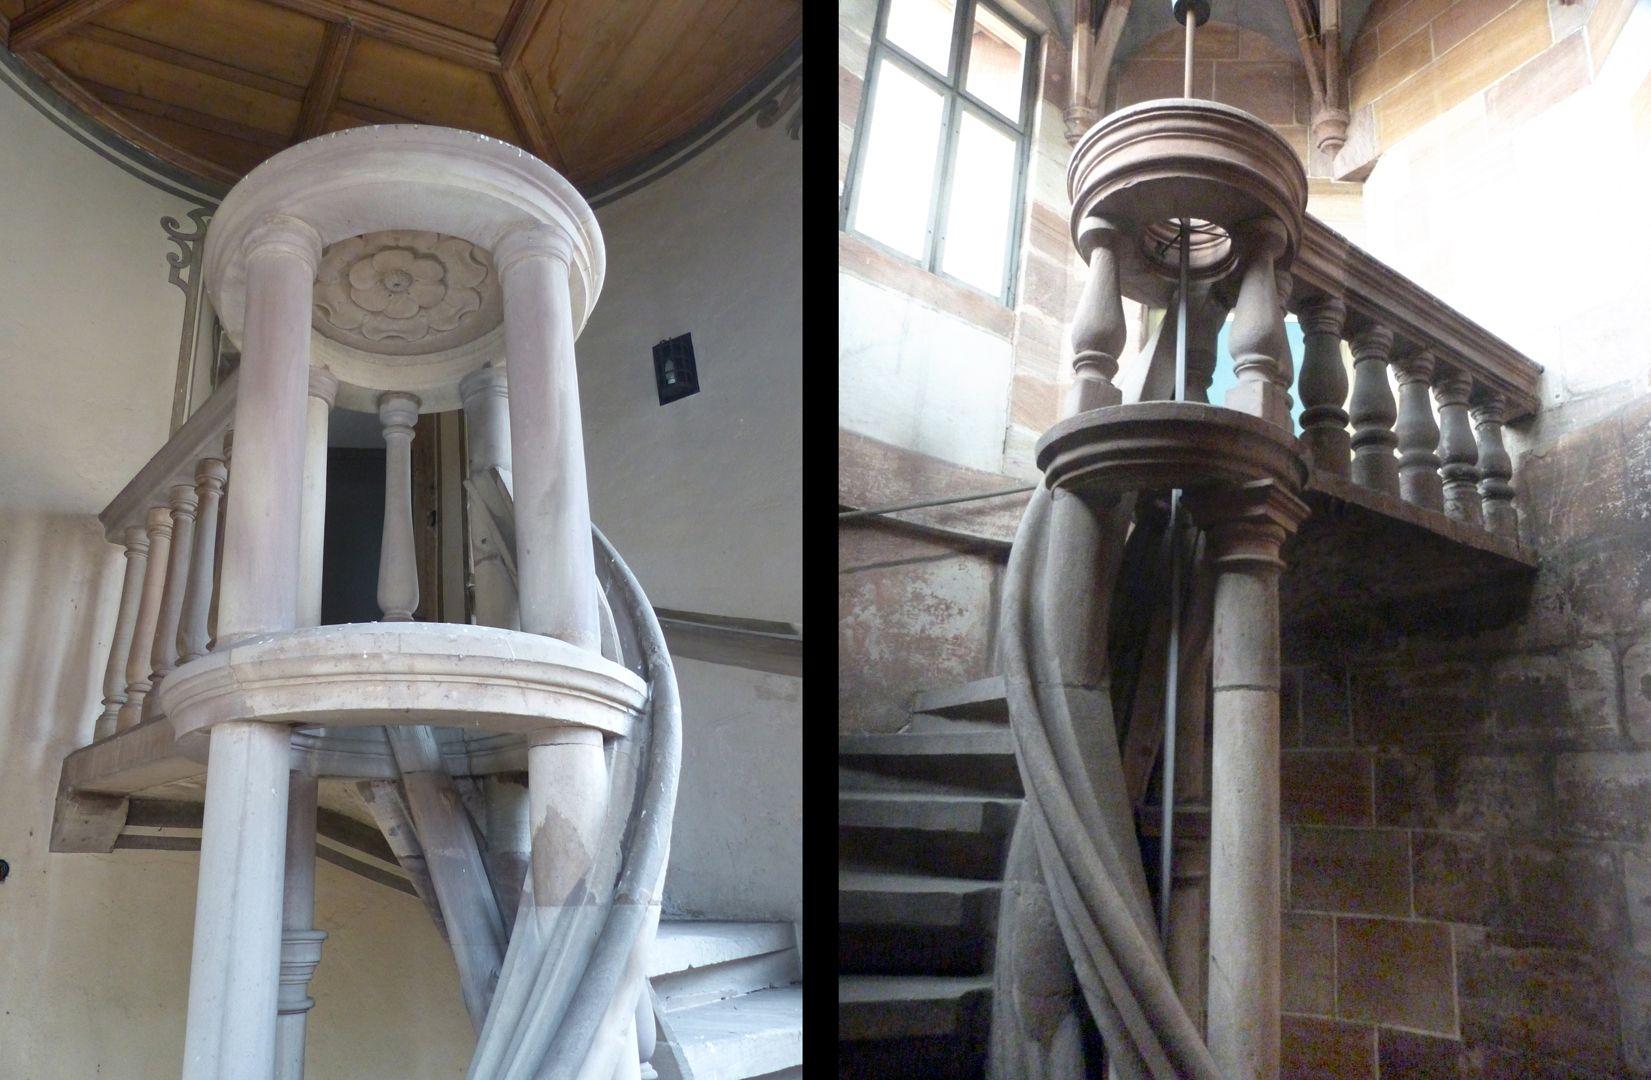 Treppentyp / Pellerhaus links Straßburg, rechts Nürnberg: ringförmiger Treppenaugenschluß und gerade Verbindung zur Wand mit Balustersäulchen